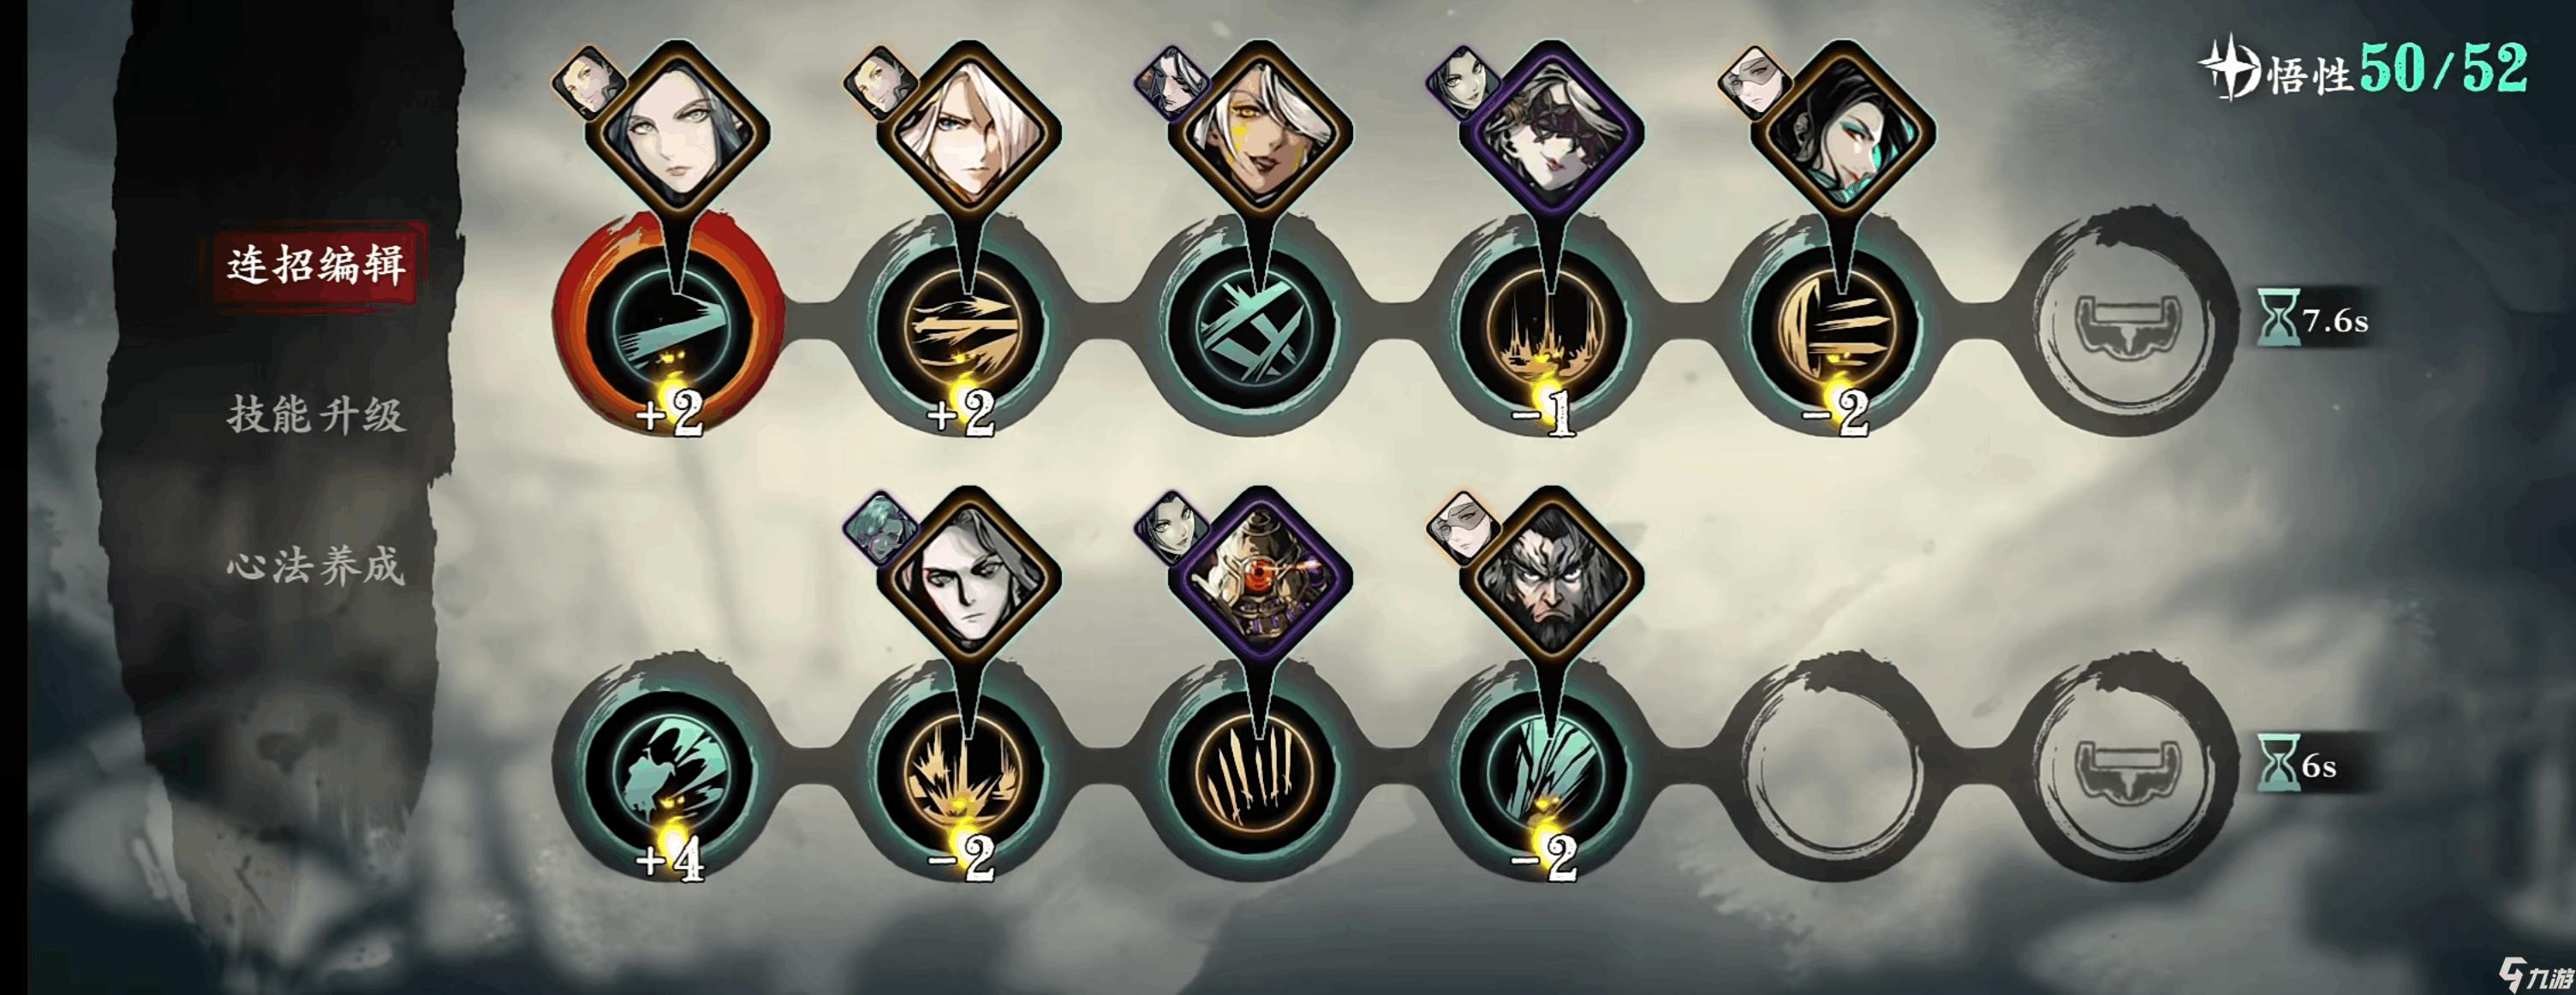 影之刃3怎么删除角色 重建角色方法一览